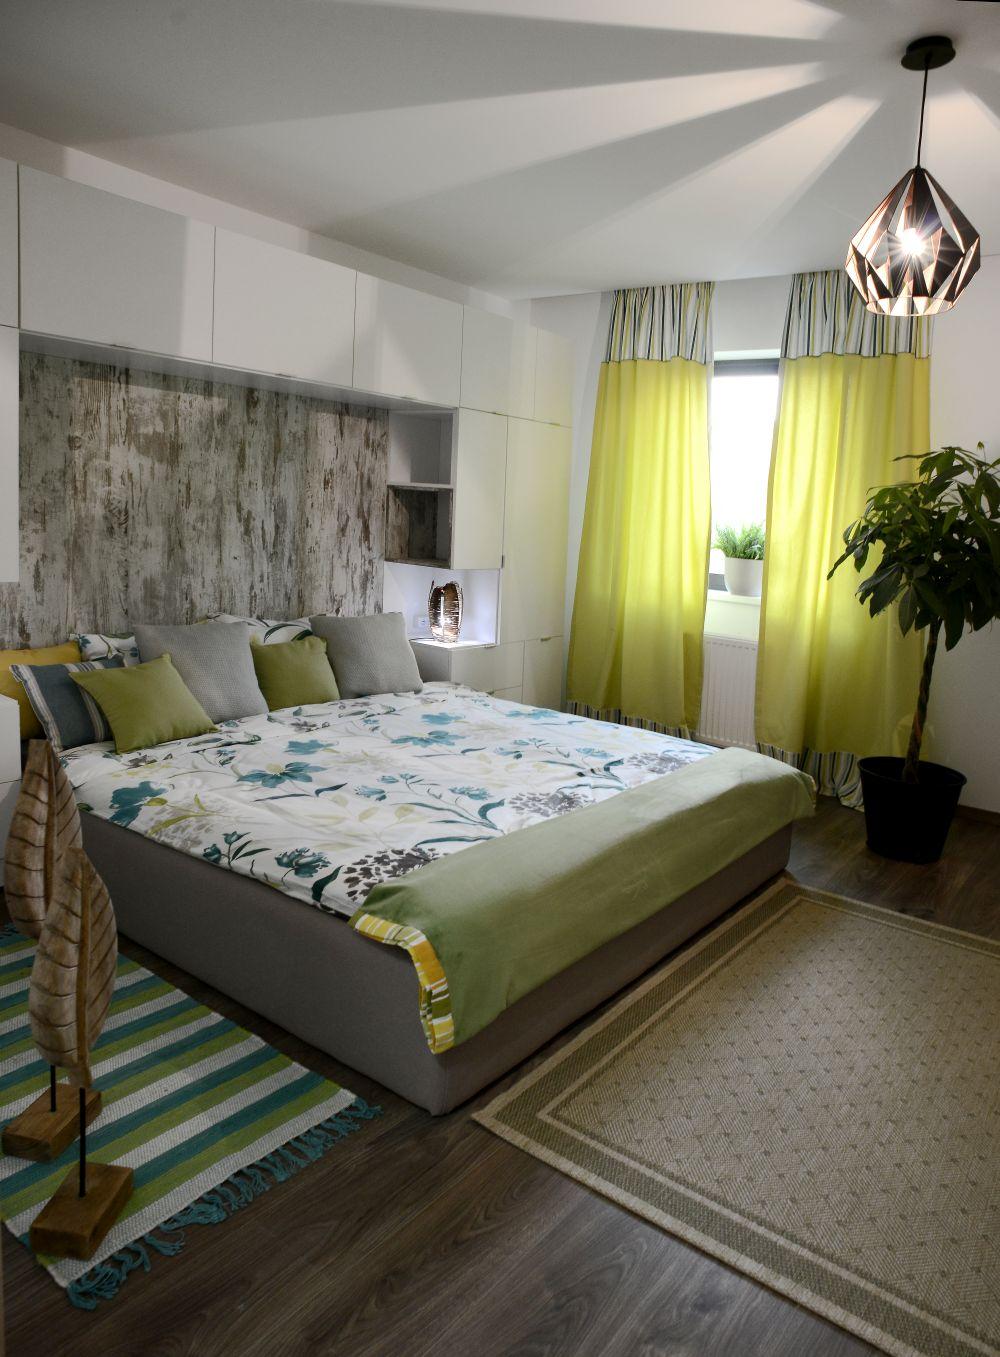 adelaparvu-com-despre-amenajare-studio-45-mp-the-park-apartments-bucuresti-design-adela-parvu-ara-architecture-design-foto-corneliu-david-28